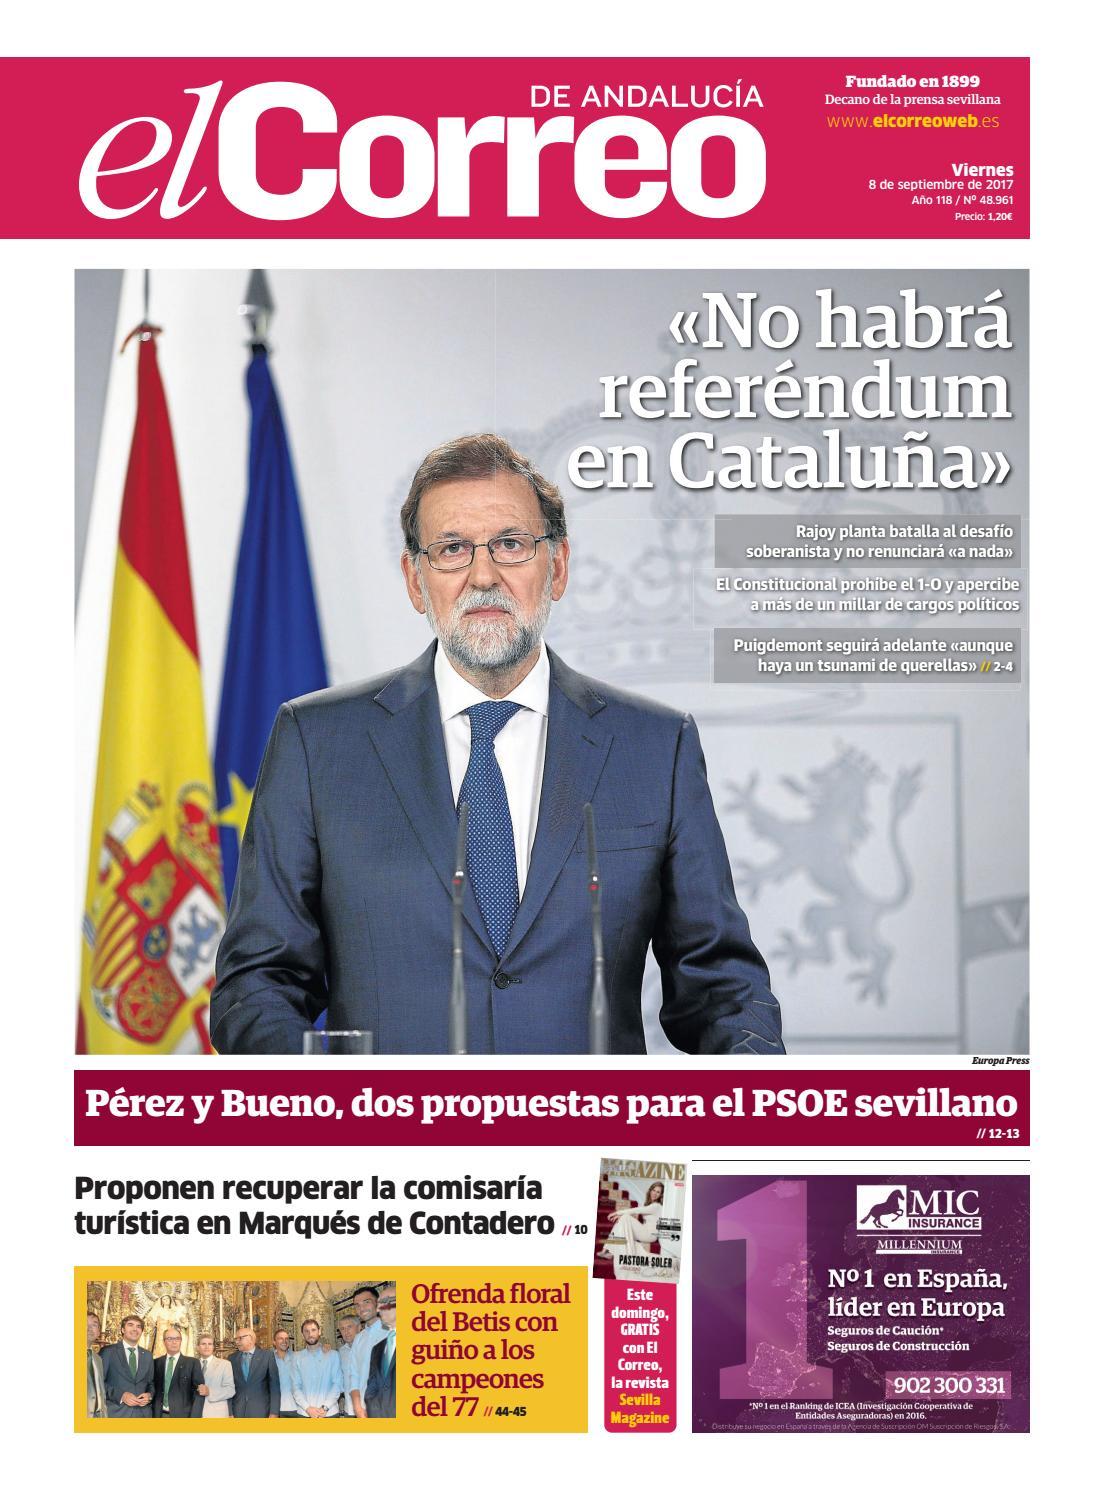 08.09.2017 El Correo de Andalucía by EL CORREO DE ANDALUCÍA S.L. - issuu 8a507df2fc2